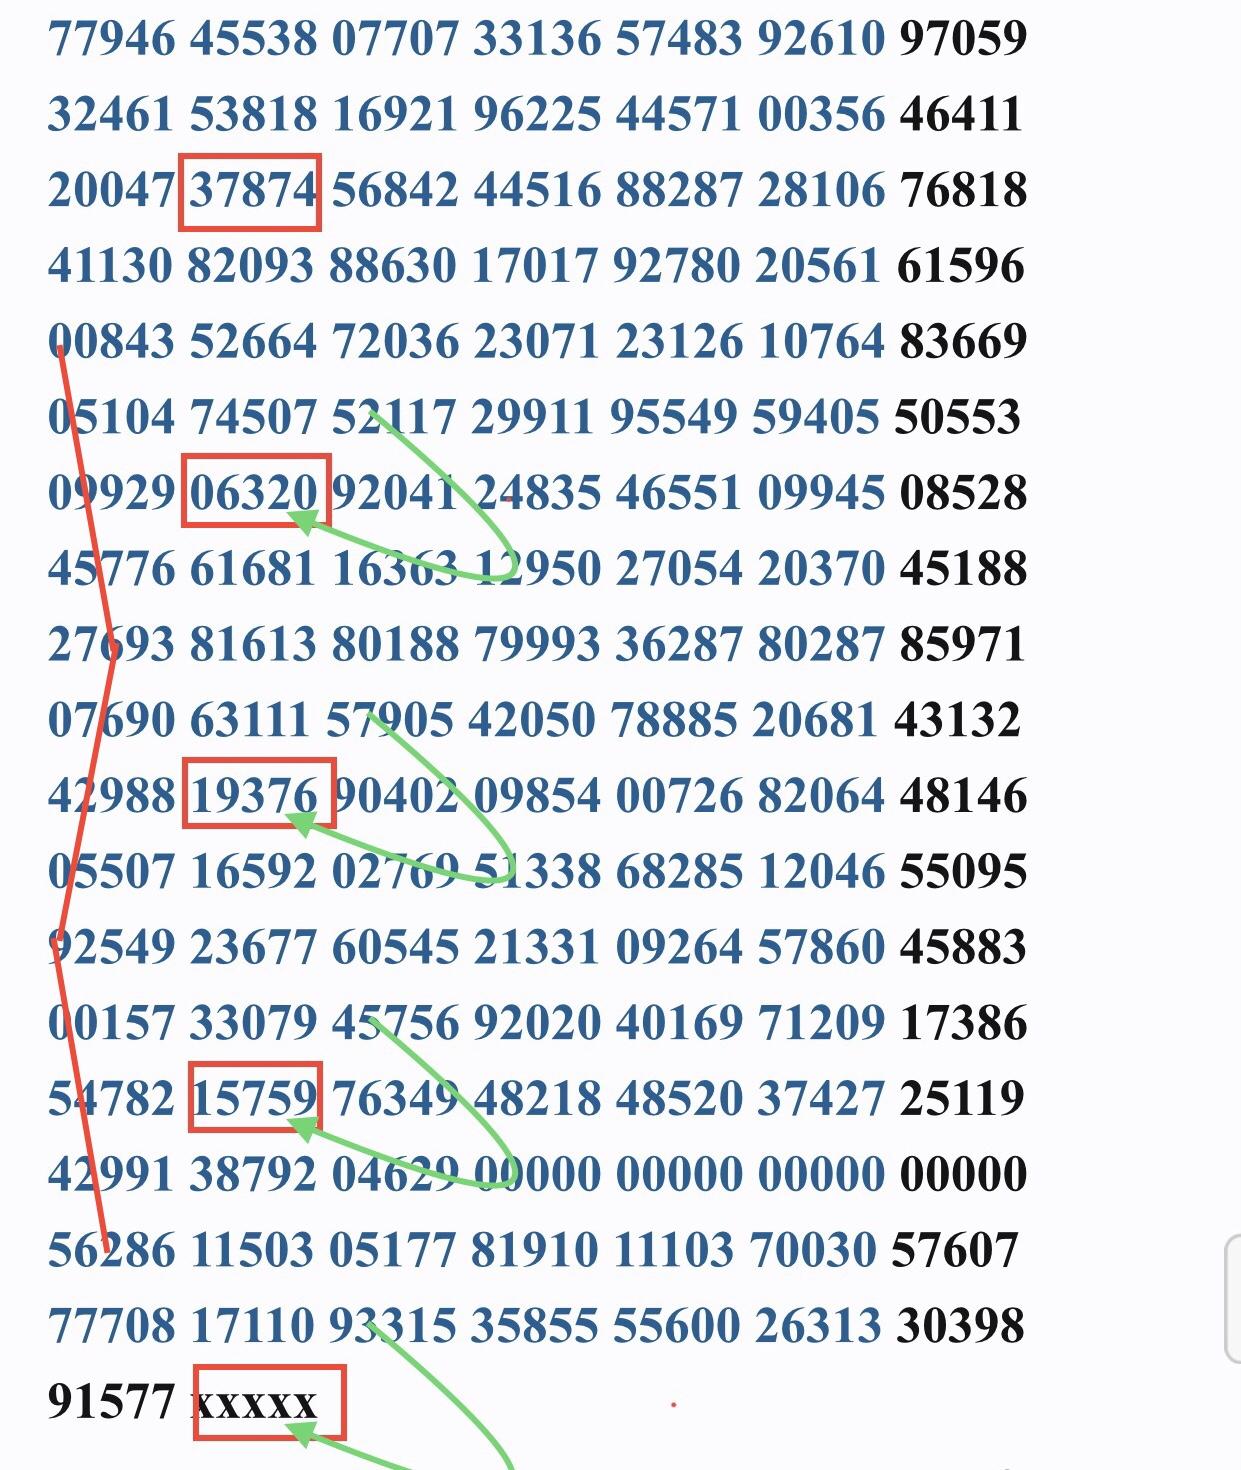 D04BC755-8242-411F-B702-6B8CE6B1FA54.jpeg